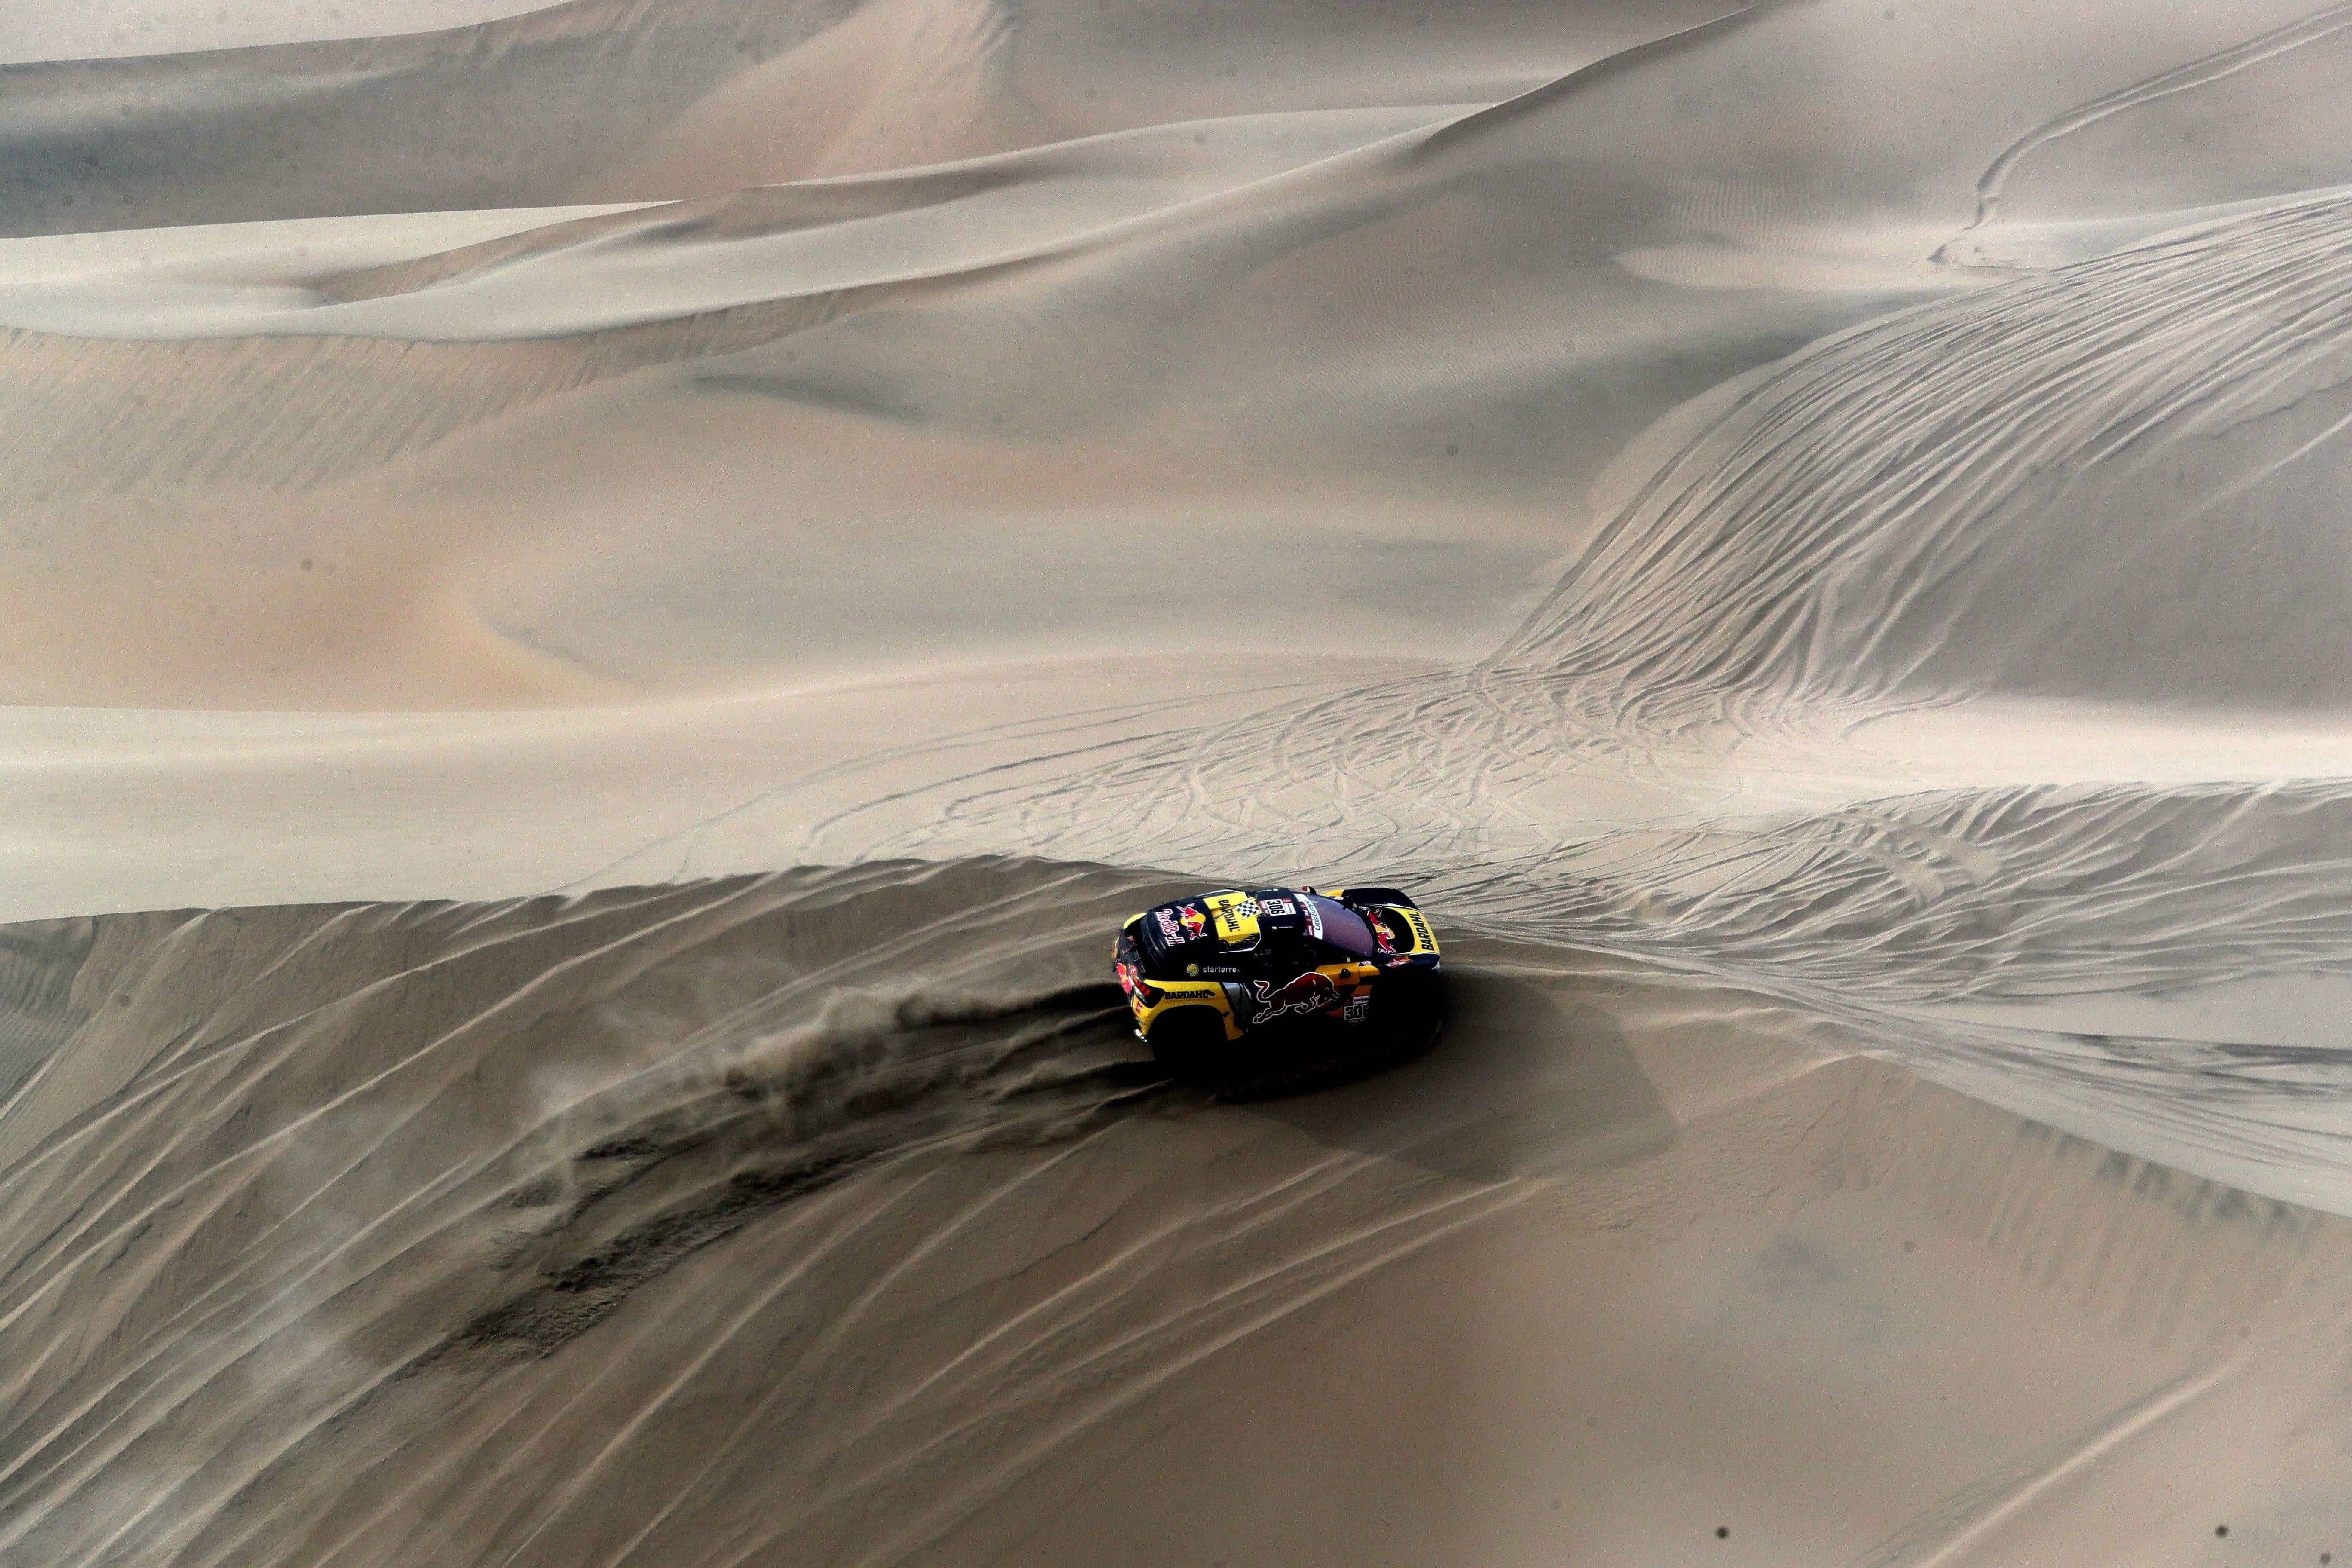 Un chariot monte avec un nuage de poussière sur une dune dans le désert pendant le rallye Dakar.